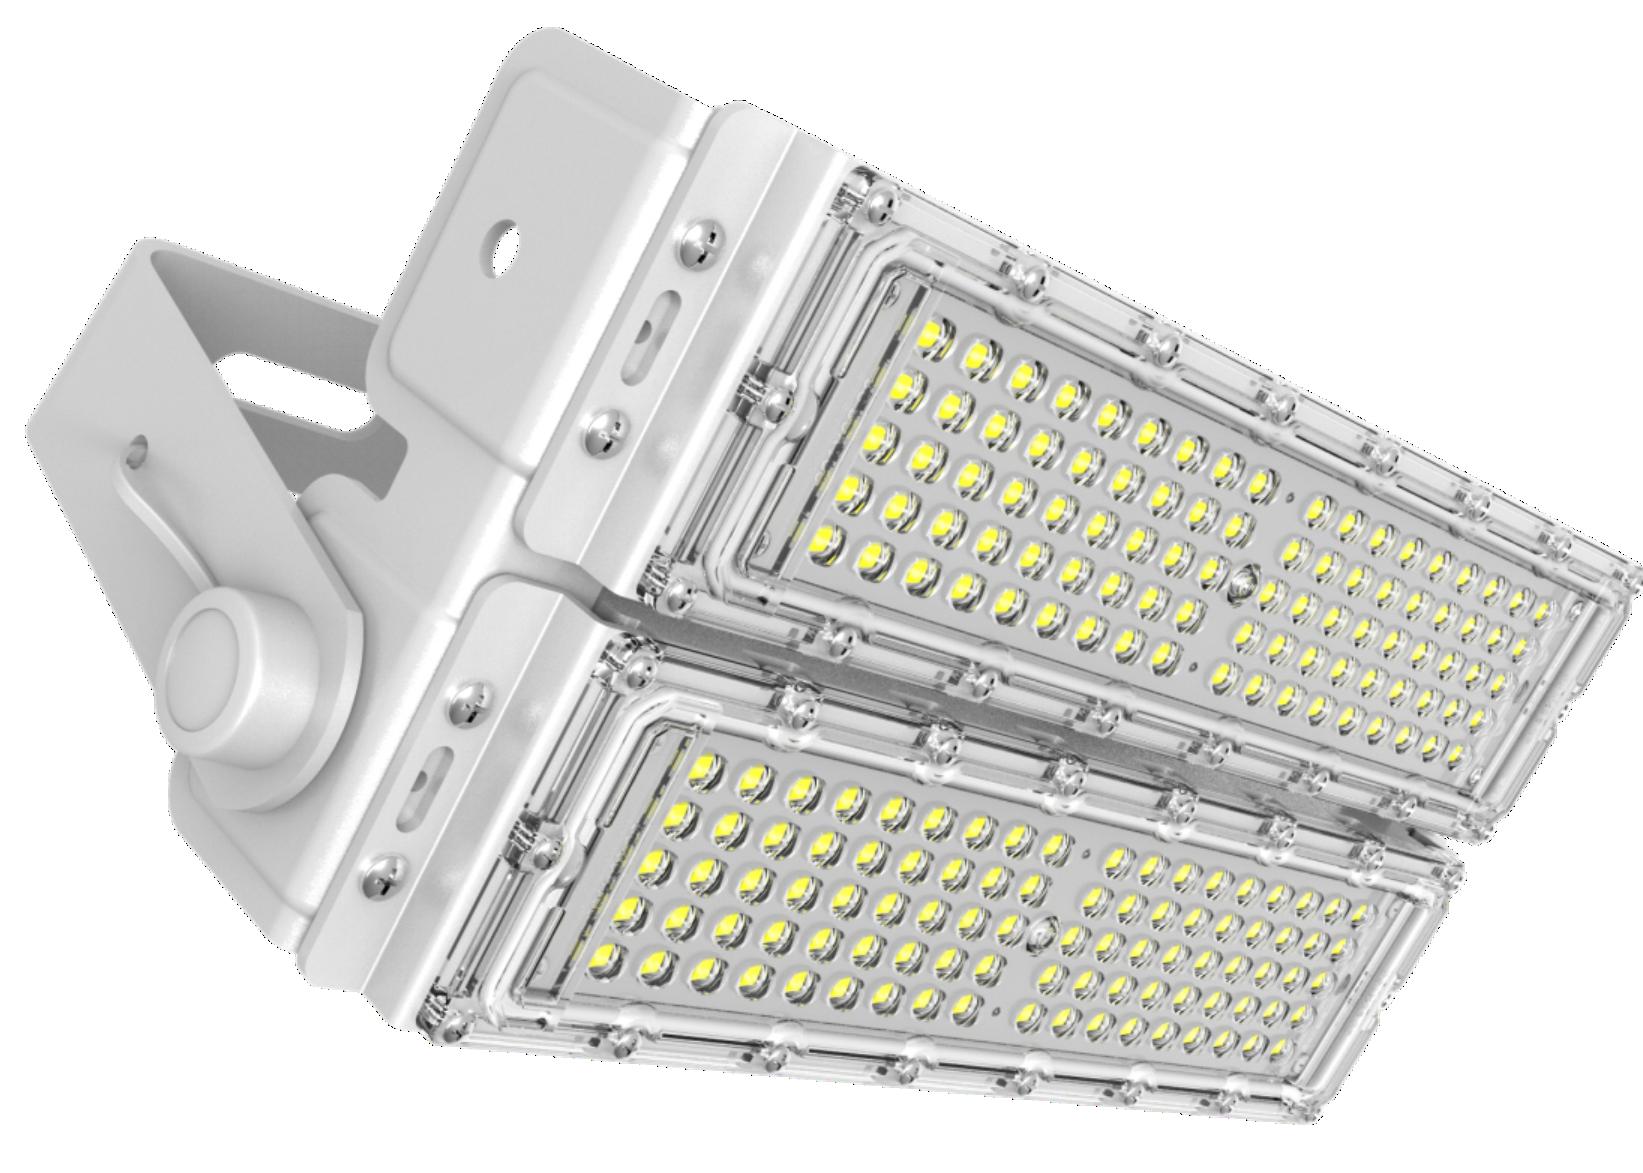 5 Years Warranty Waterproof IP65 60W 120W 180W 300W LED Flood Tunnel Light